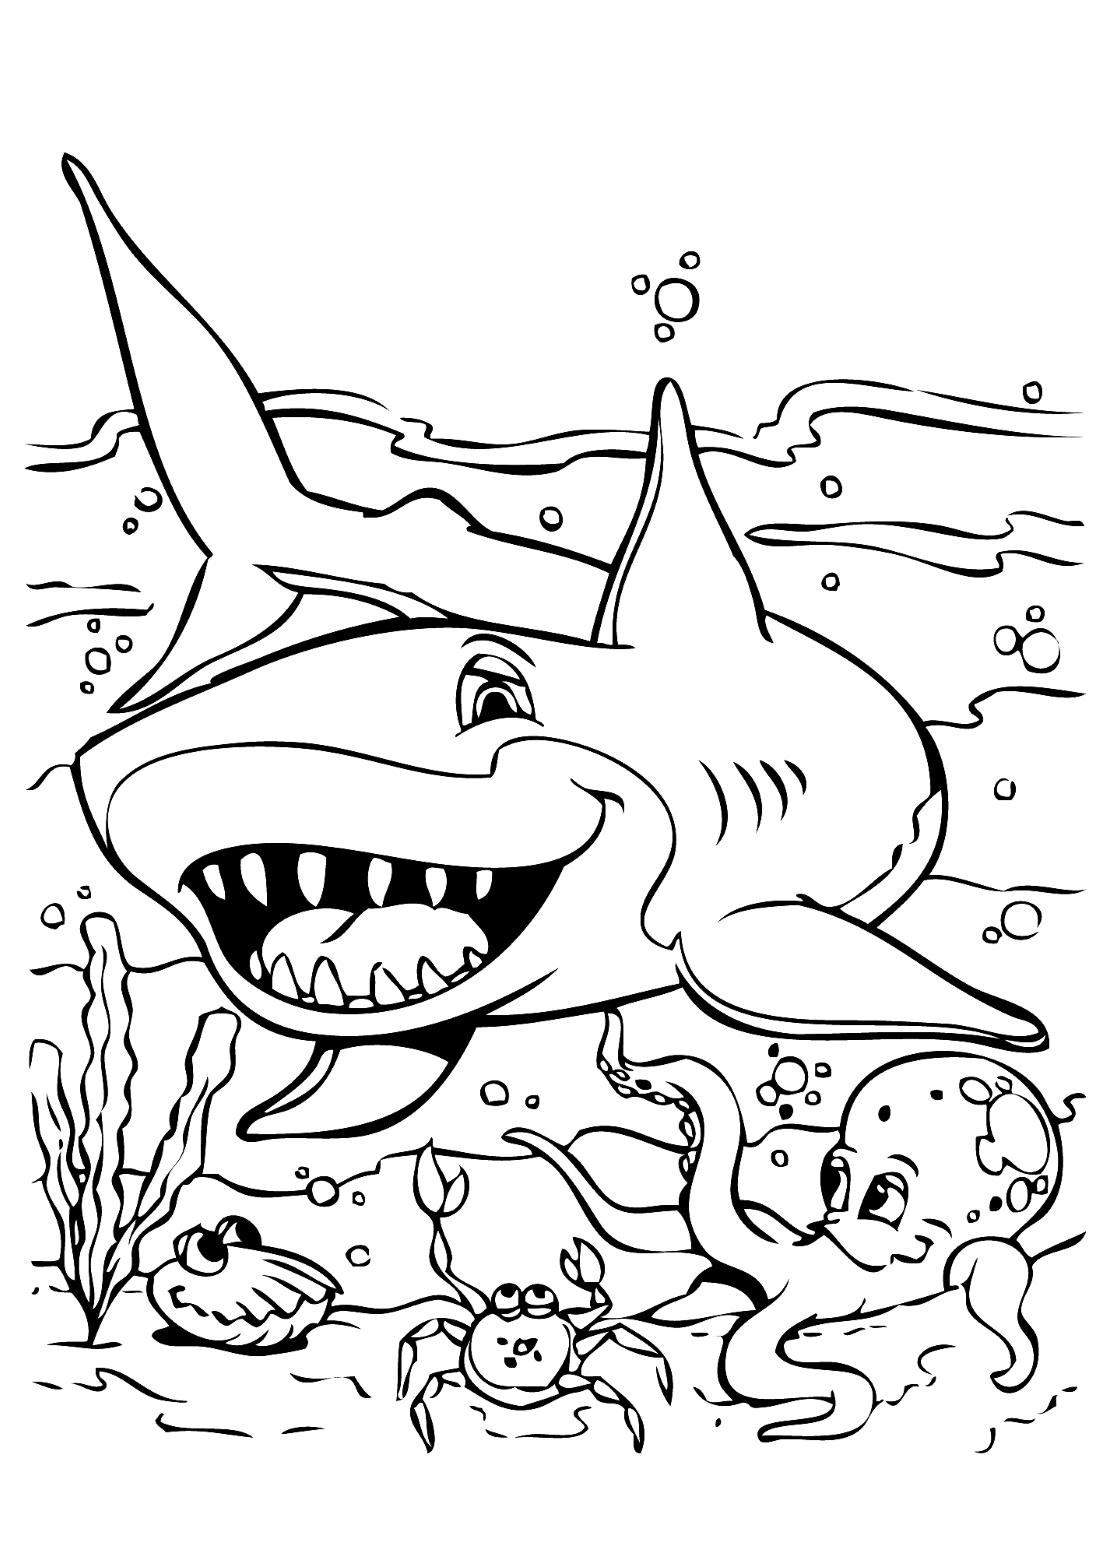 Акула в море - раскраска №1059 | Printonic.ru